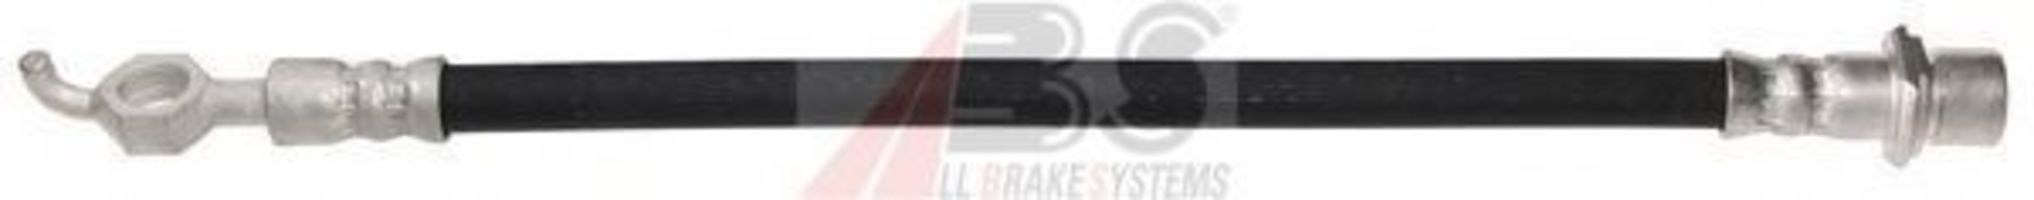 Шланг тормозной A.B.S. SL5302